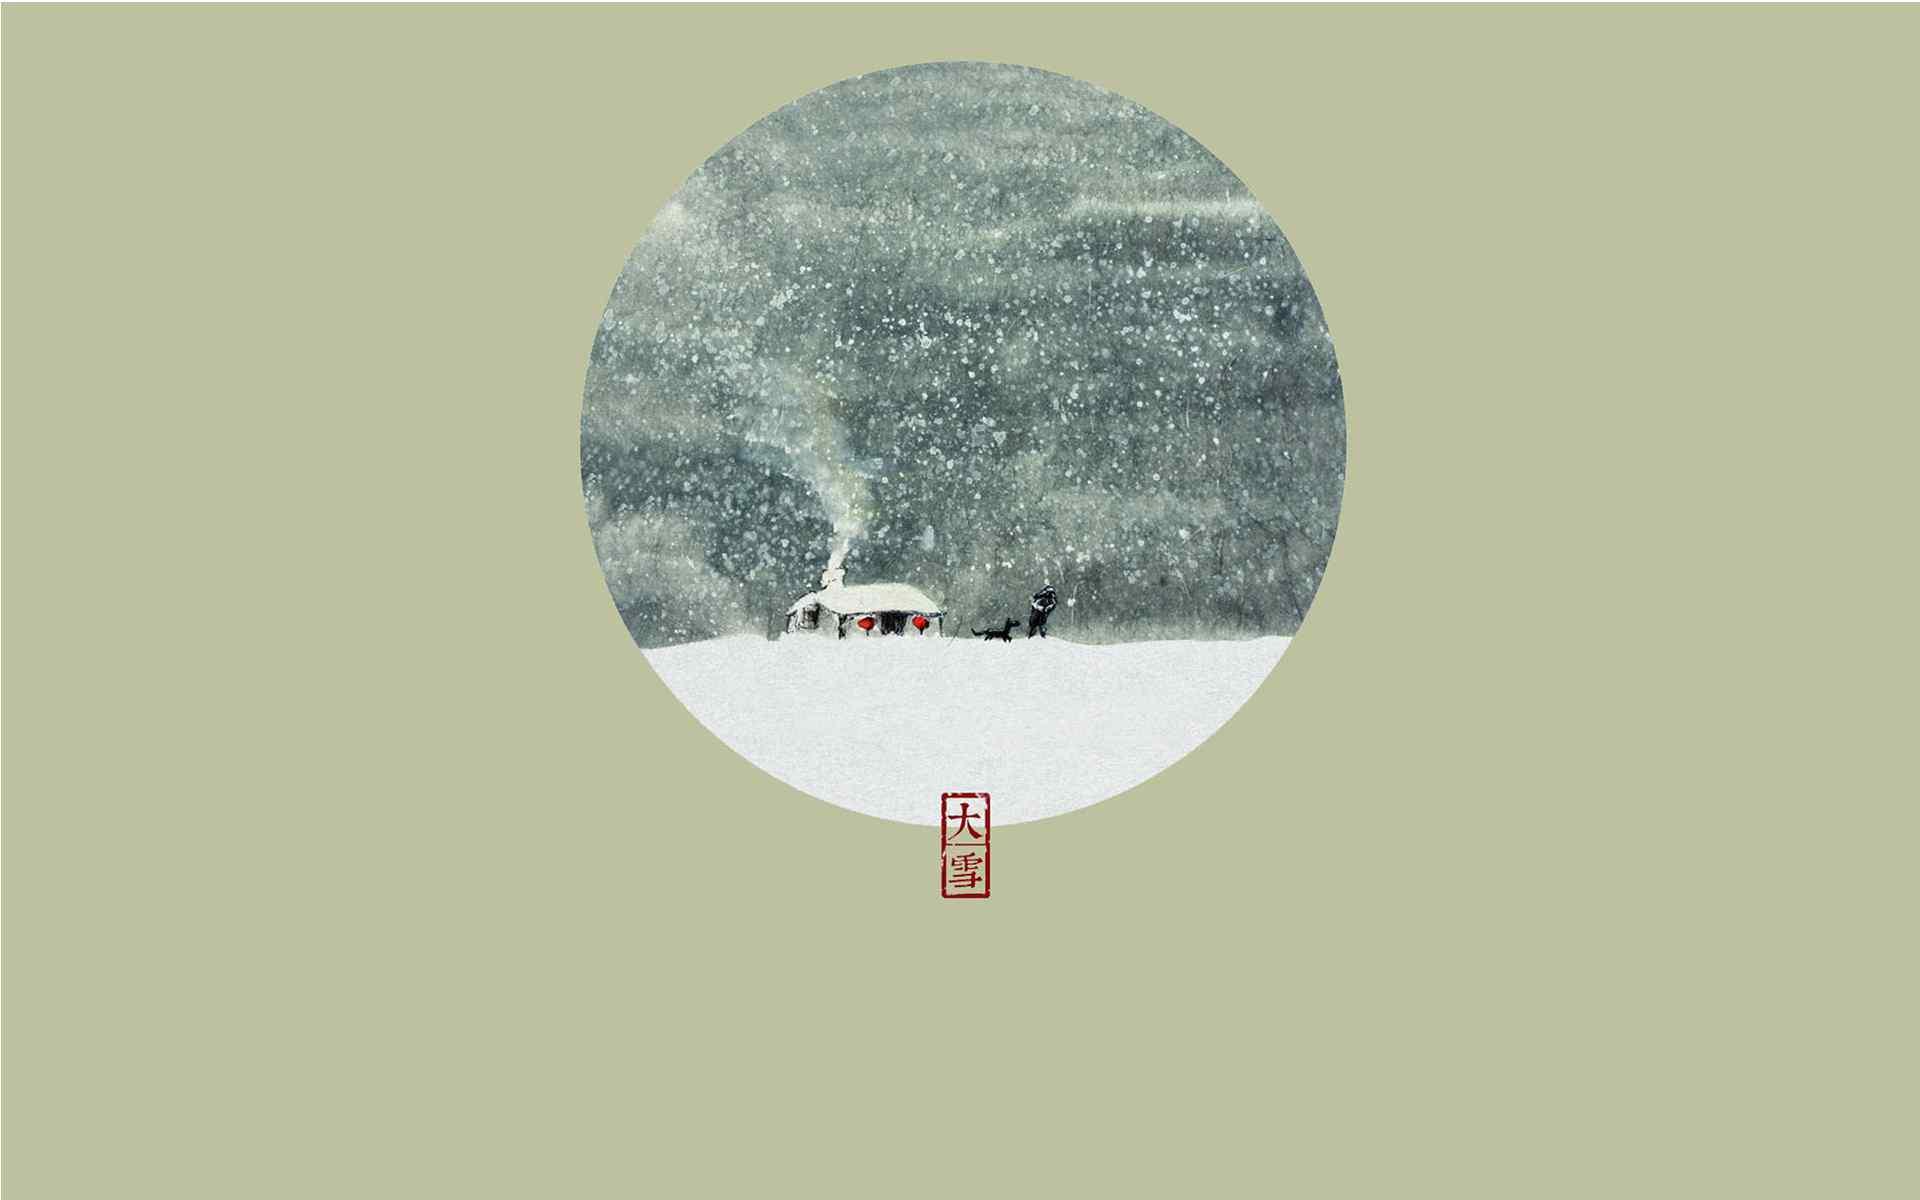 """简约图片桌面壁纸,由于中国农历是一种""""阴阳历"""",即根据太阳也根据月亮"""